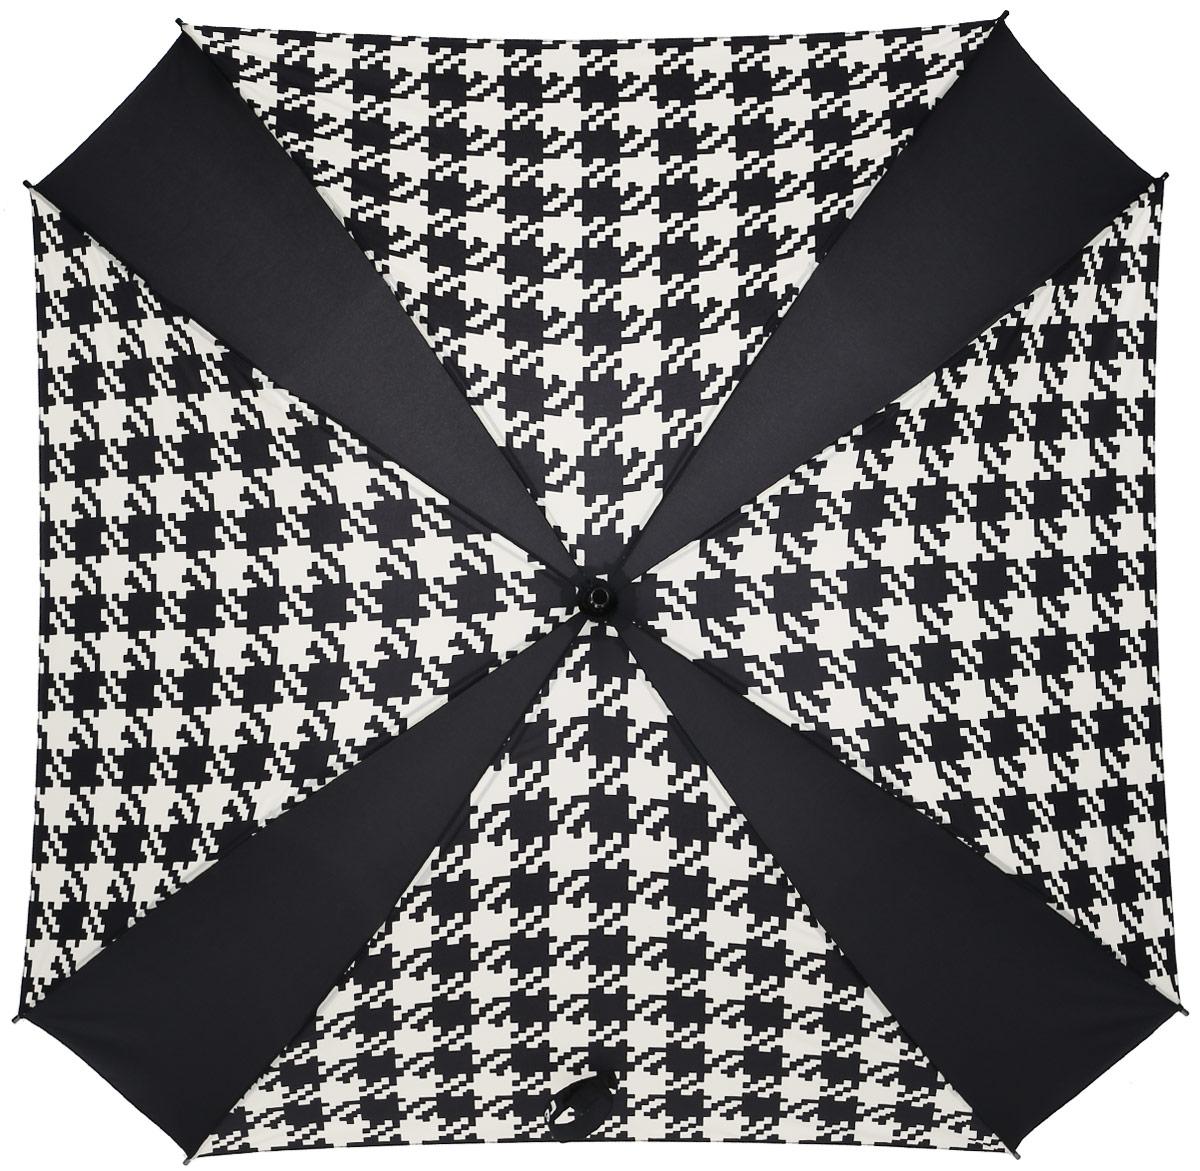 Зонт-трость Reisenthel, цвет: черный, белый. YM7028YM7028Ни снег, ни проливной дождь не страшны, когда с вами ваш надежный друг - красивый зонт-трость. А надежен он благодаря своей инновационной форме в виде октагона - фигуры с 8 углами. У зонта гибкие спицы со специальными пружинами, которые не сломаются. При сильном ветре зонт просто вывернется наизнанку. А вот острый наконечник и ручка, которая позволяет повесить зонт - самые что ни на есть классические, удобные и красивые. Чтобы просушить его, просто оставьте открытым (пожалуйста, не сворачивайте зонт, пока он мокрый).